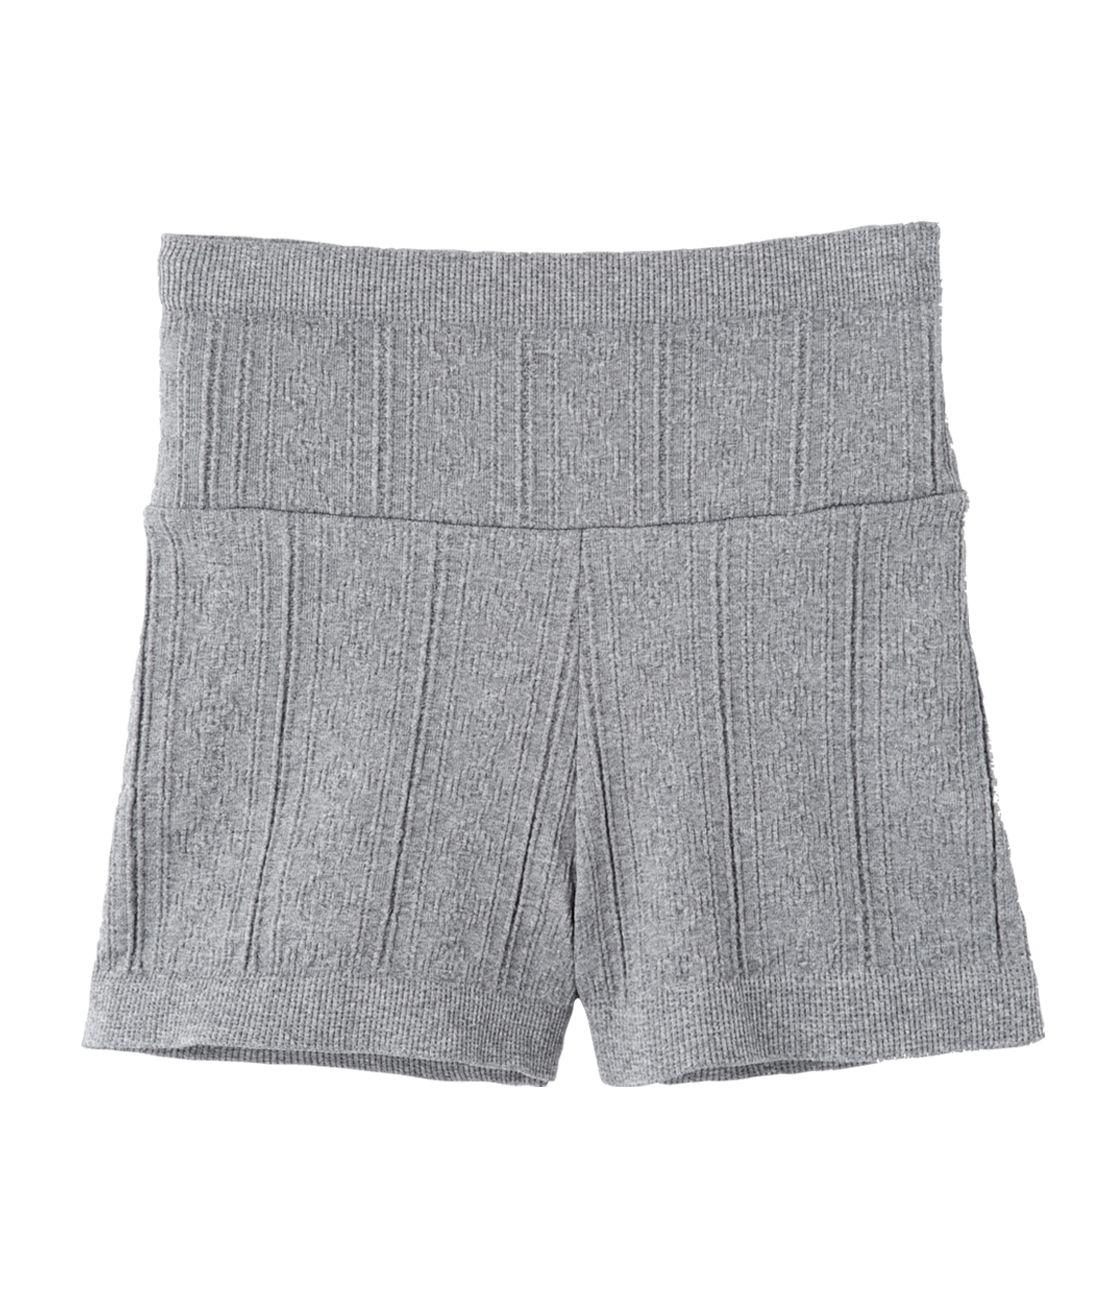 PJ COLORS电缆HARA希在裤子